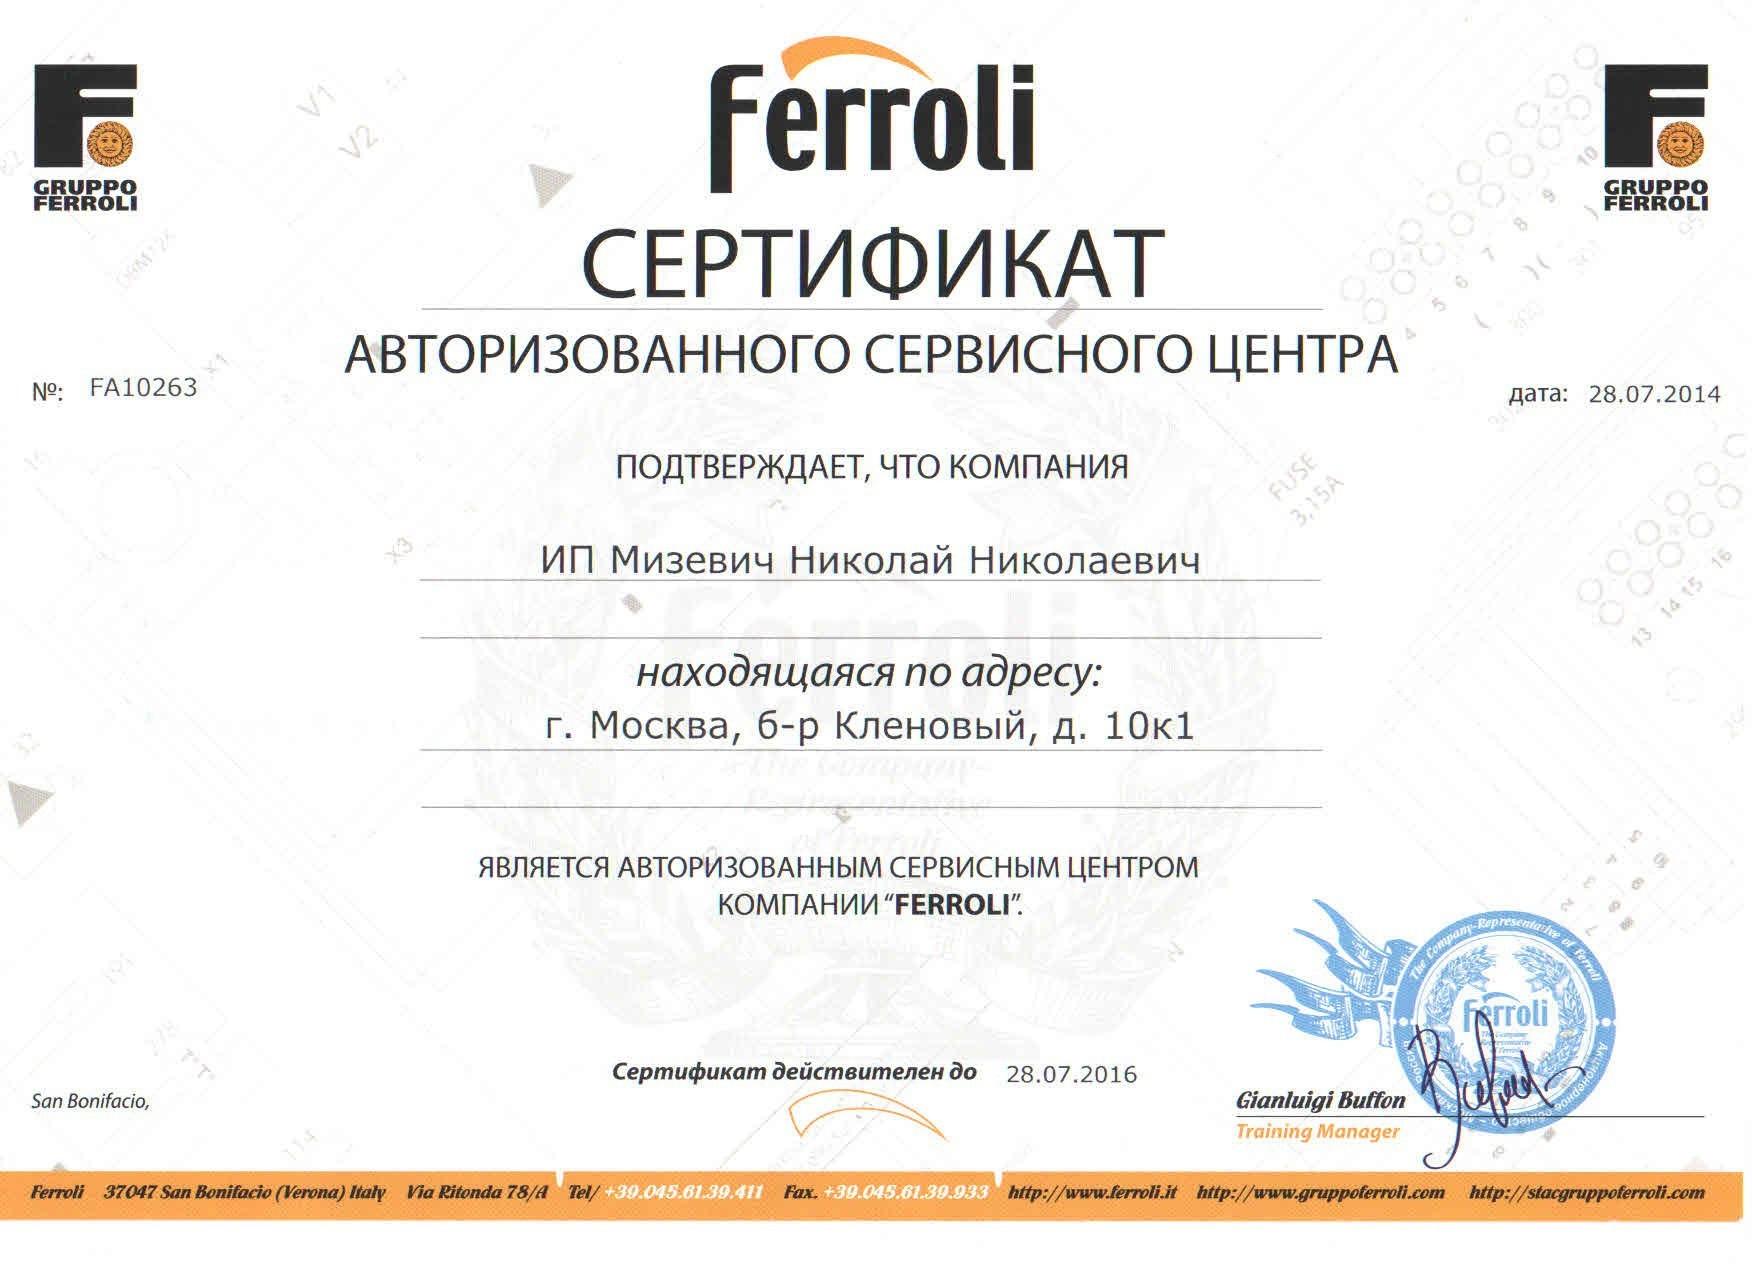 Авторизованный сервисный центр Ferroli - гарантии безупречного качества